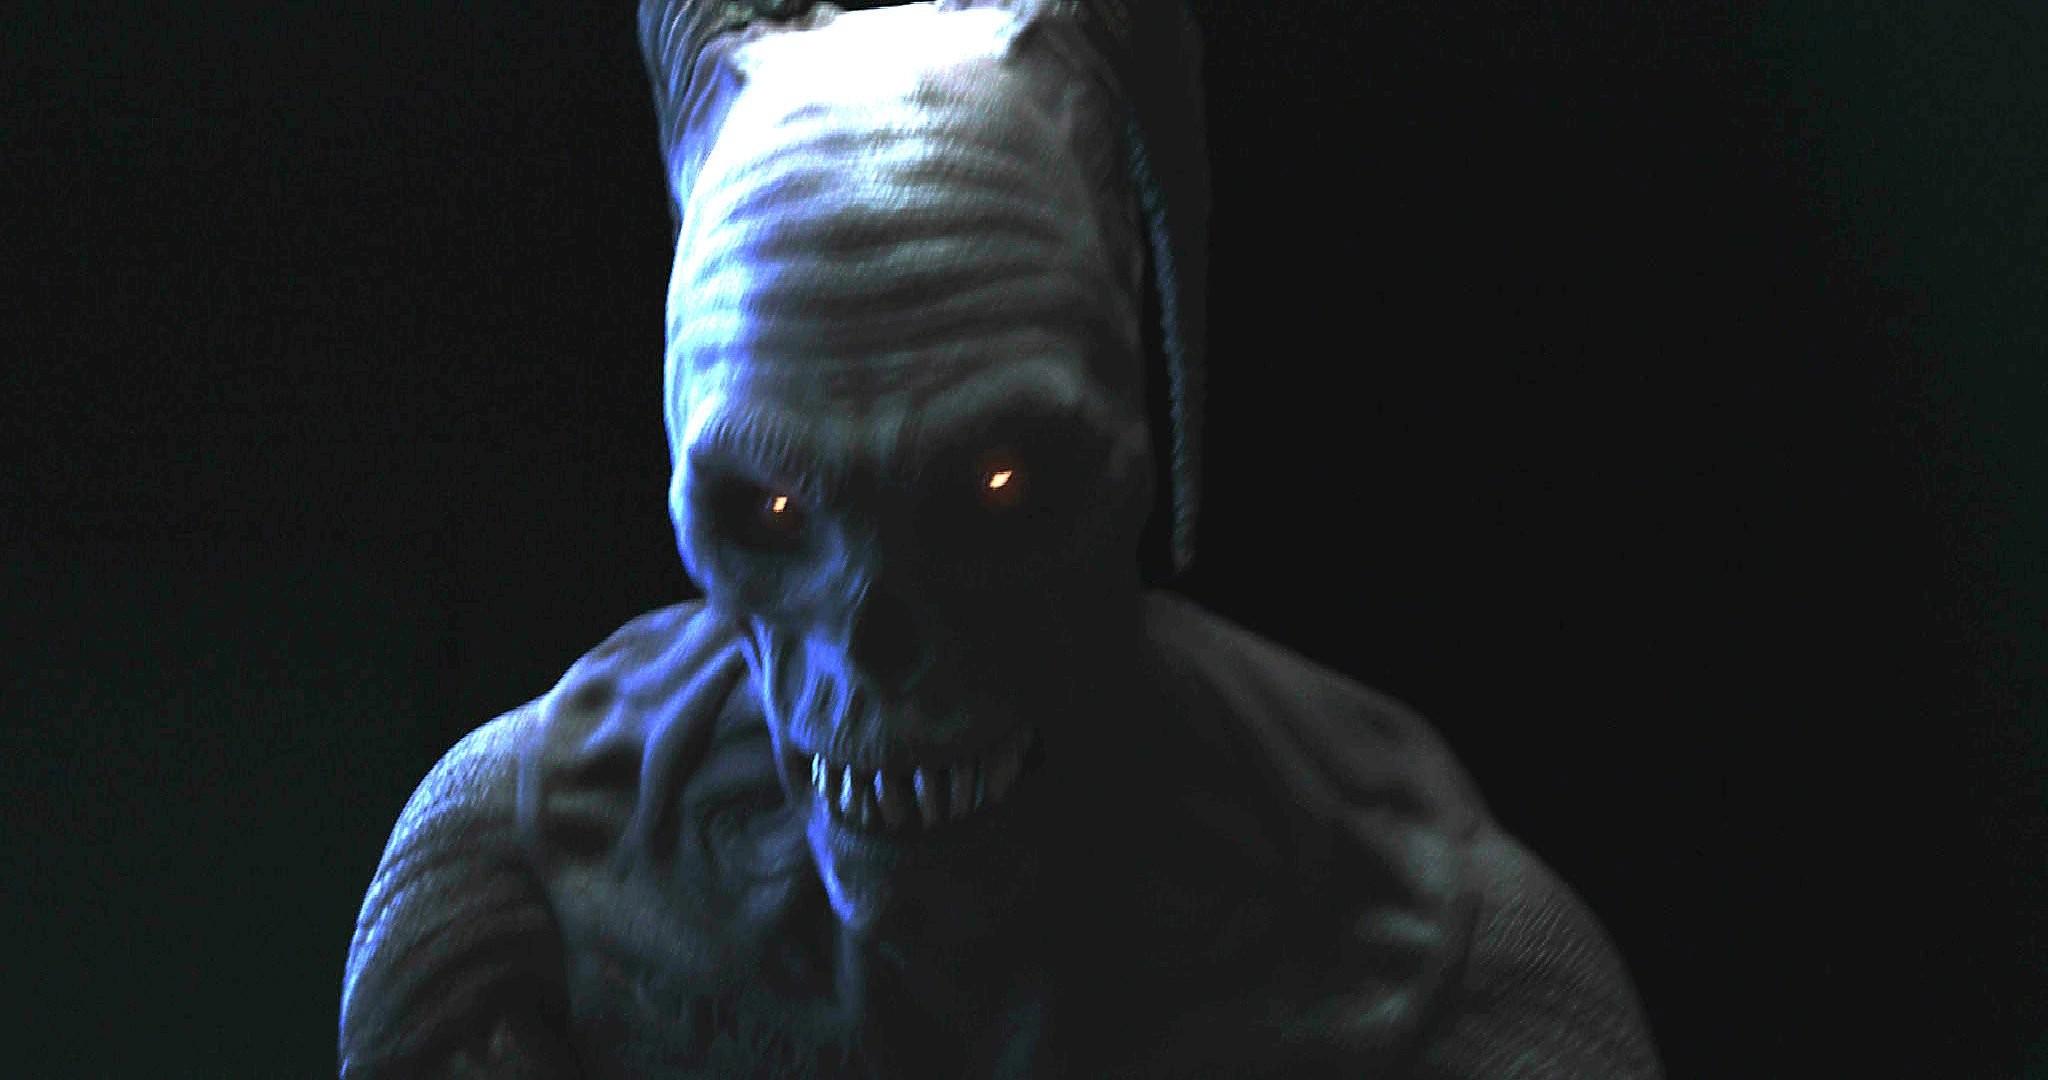 Res: 2048x1080, KRAMPUS monster demon evil horror dark occult christmas story wallpaper |   | 899673 | WallpaperUP